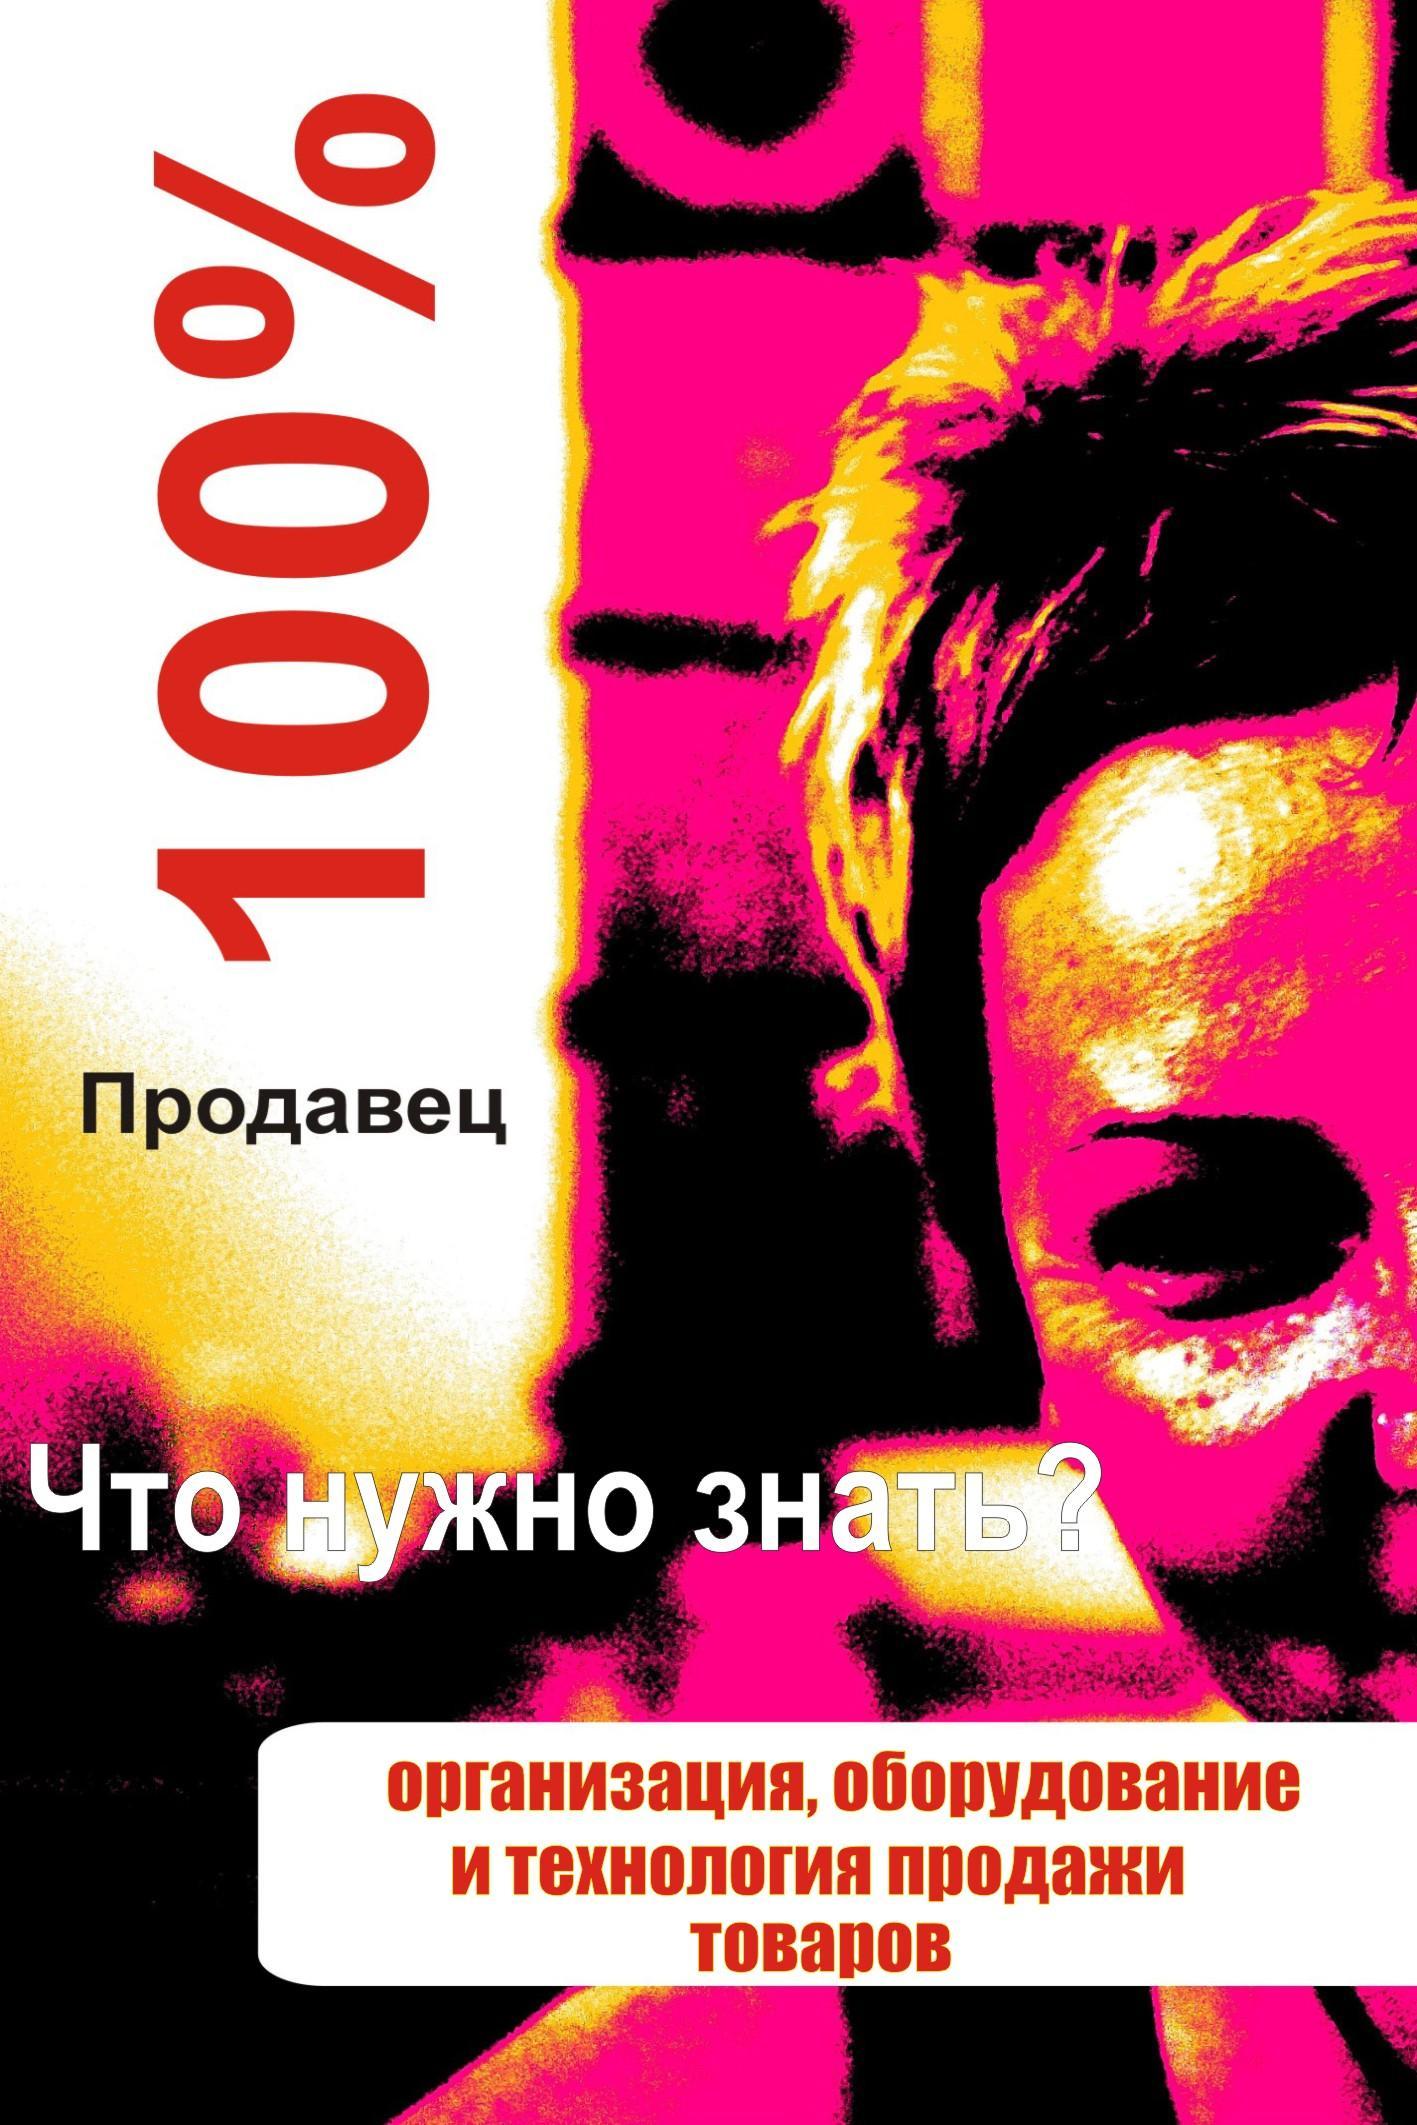 Илья Мельников Организация, оборудование и технология продажи товаров жулидов с организация торговли